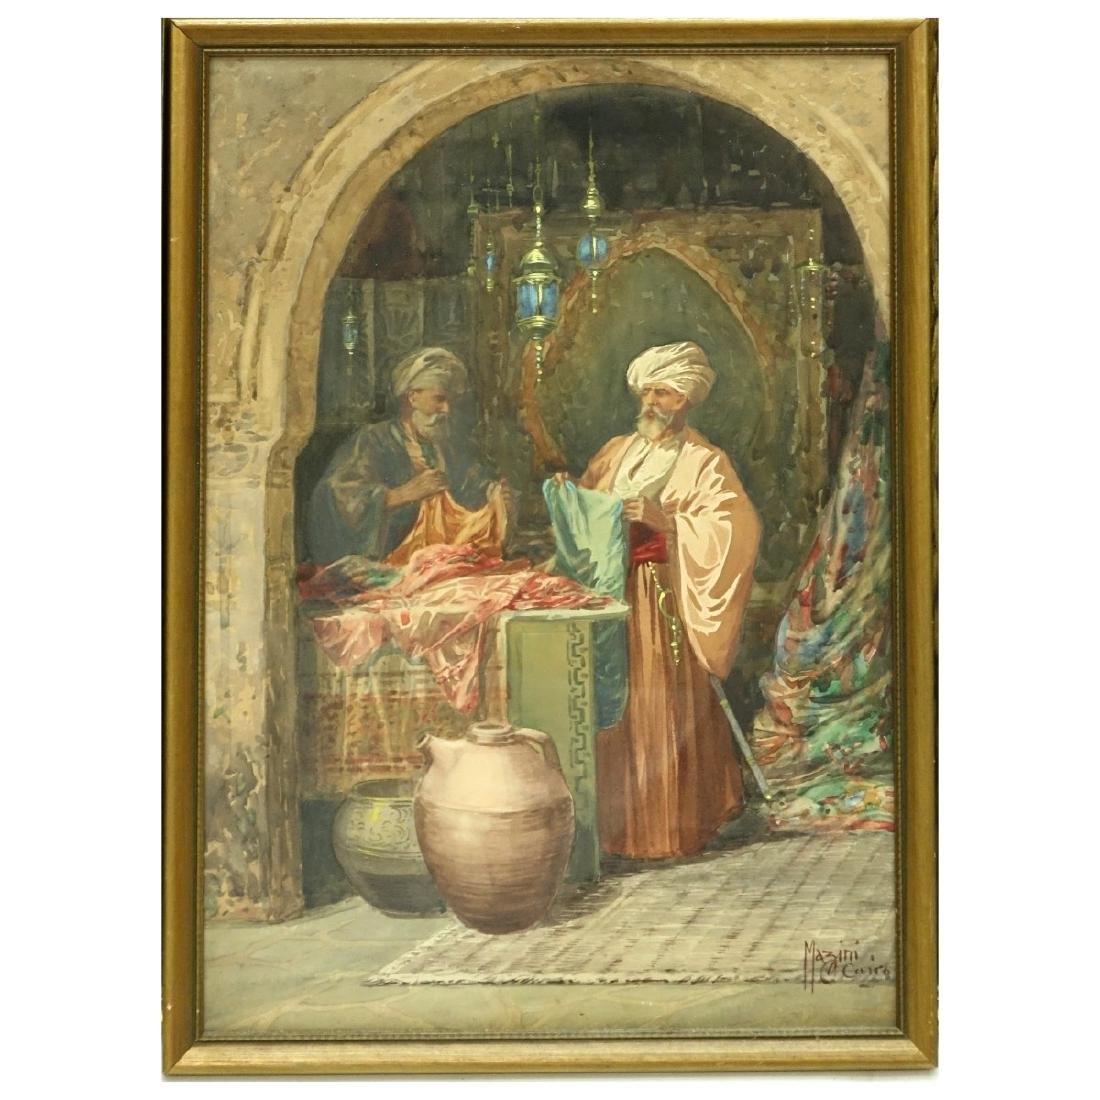 """Ciro Mazini (19/20th C) Watercolor """"The Bazaar"""" - 2"""